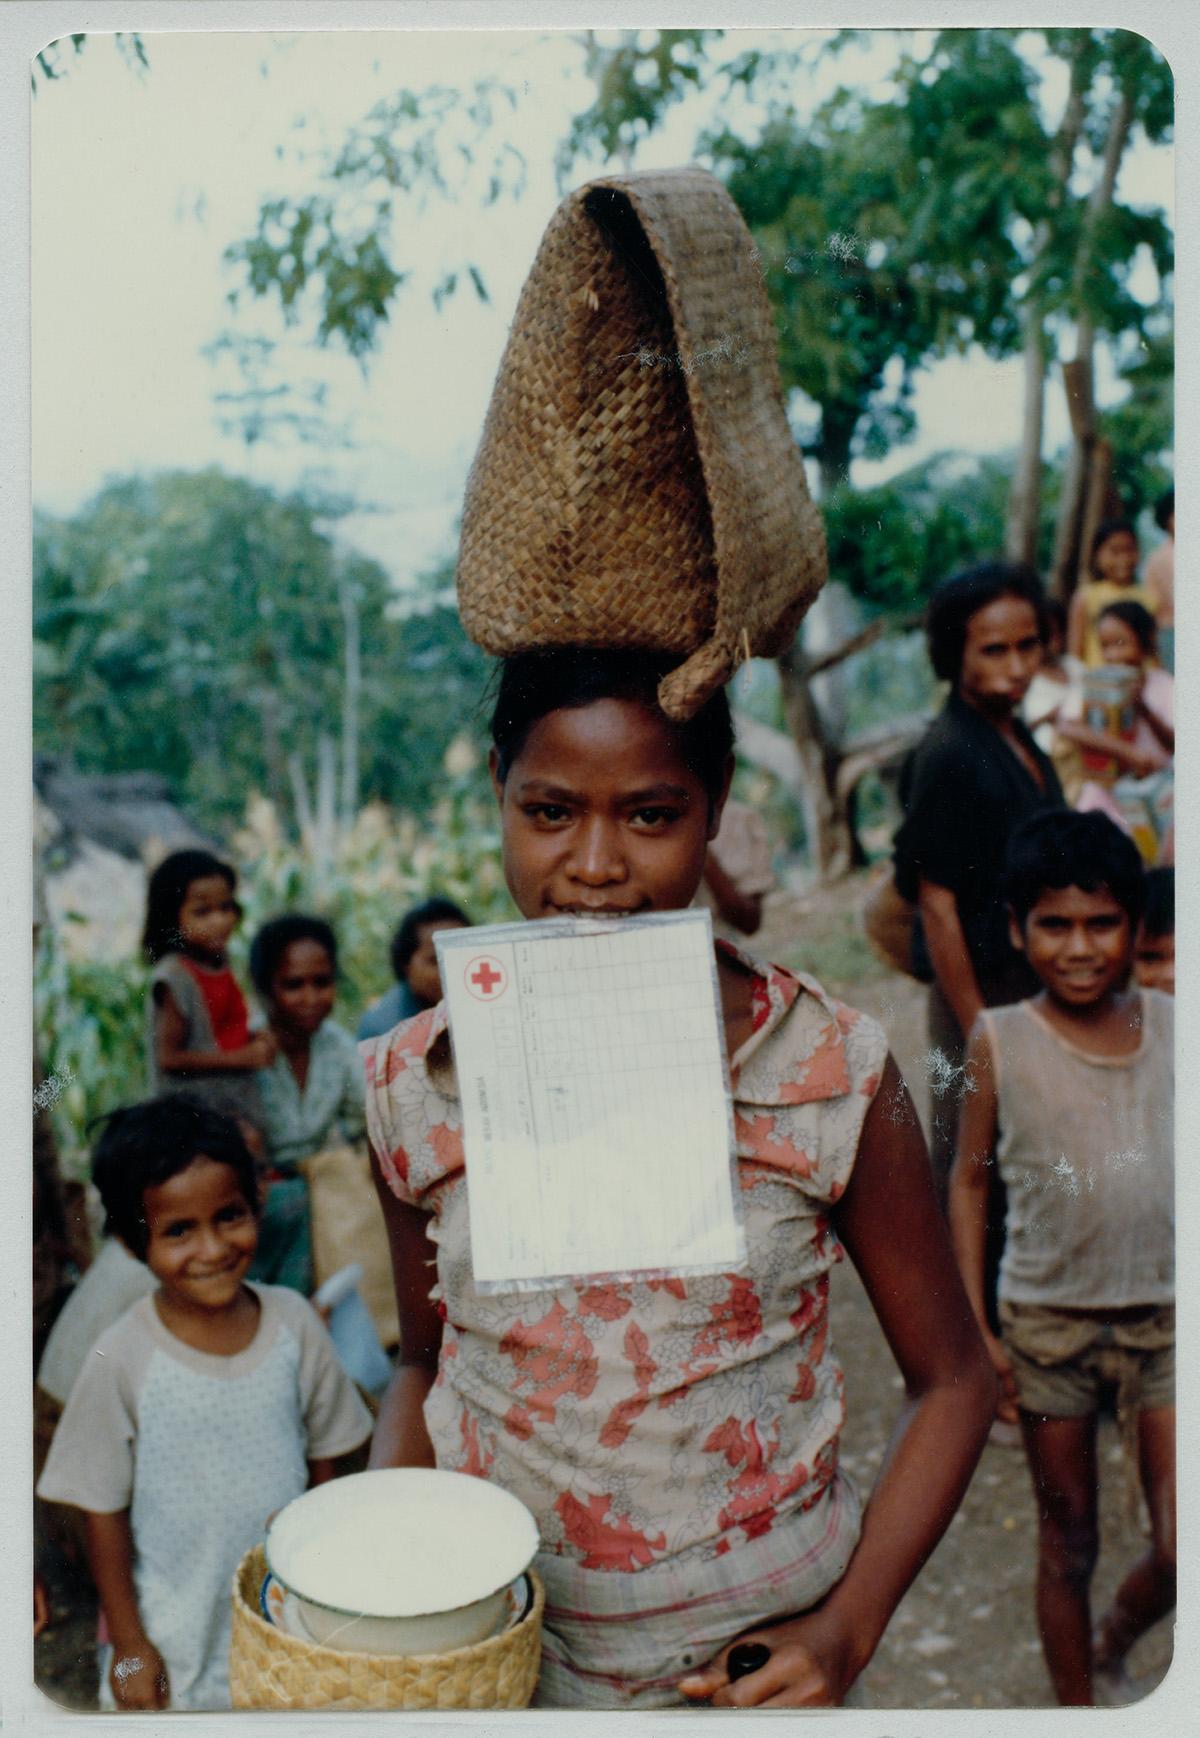 Pendistribusian makanan di Uatolari, Timor Timur, tahun 1980